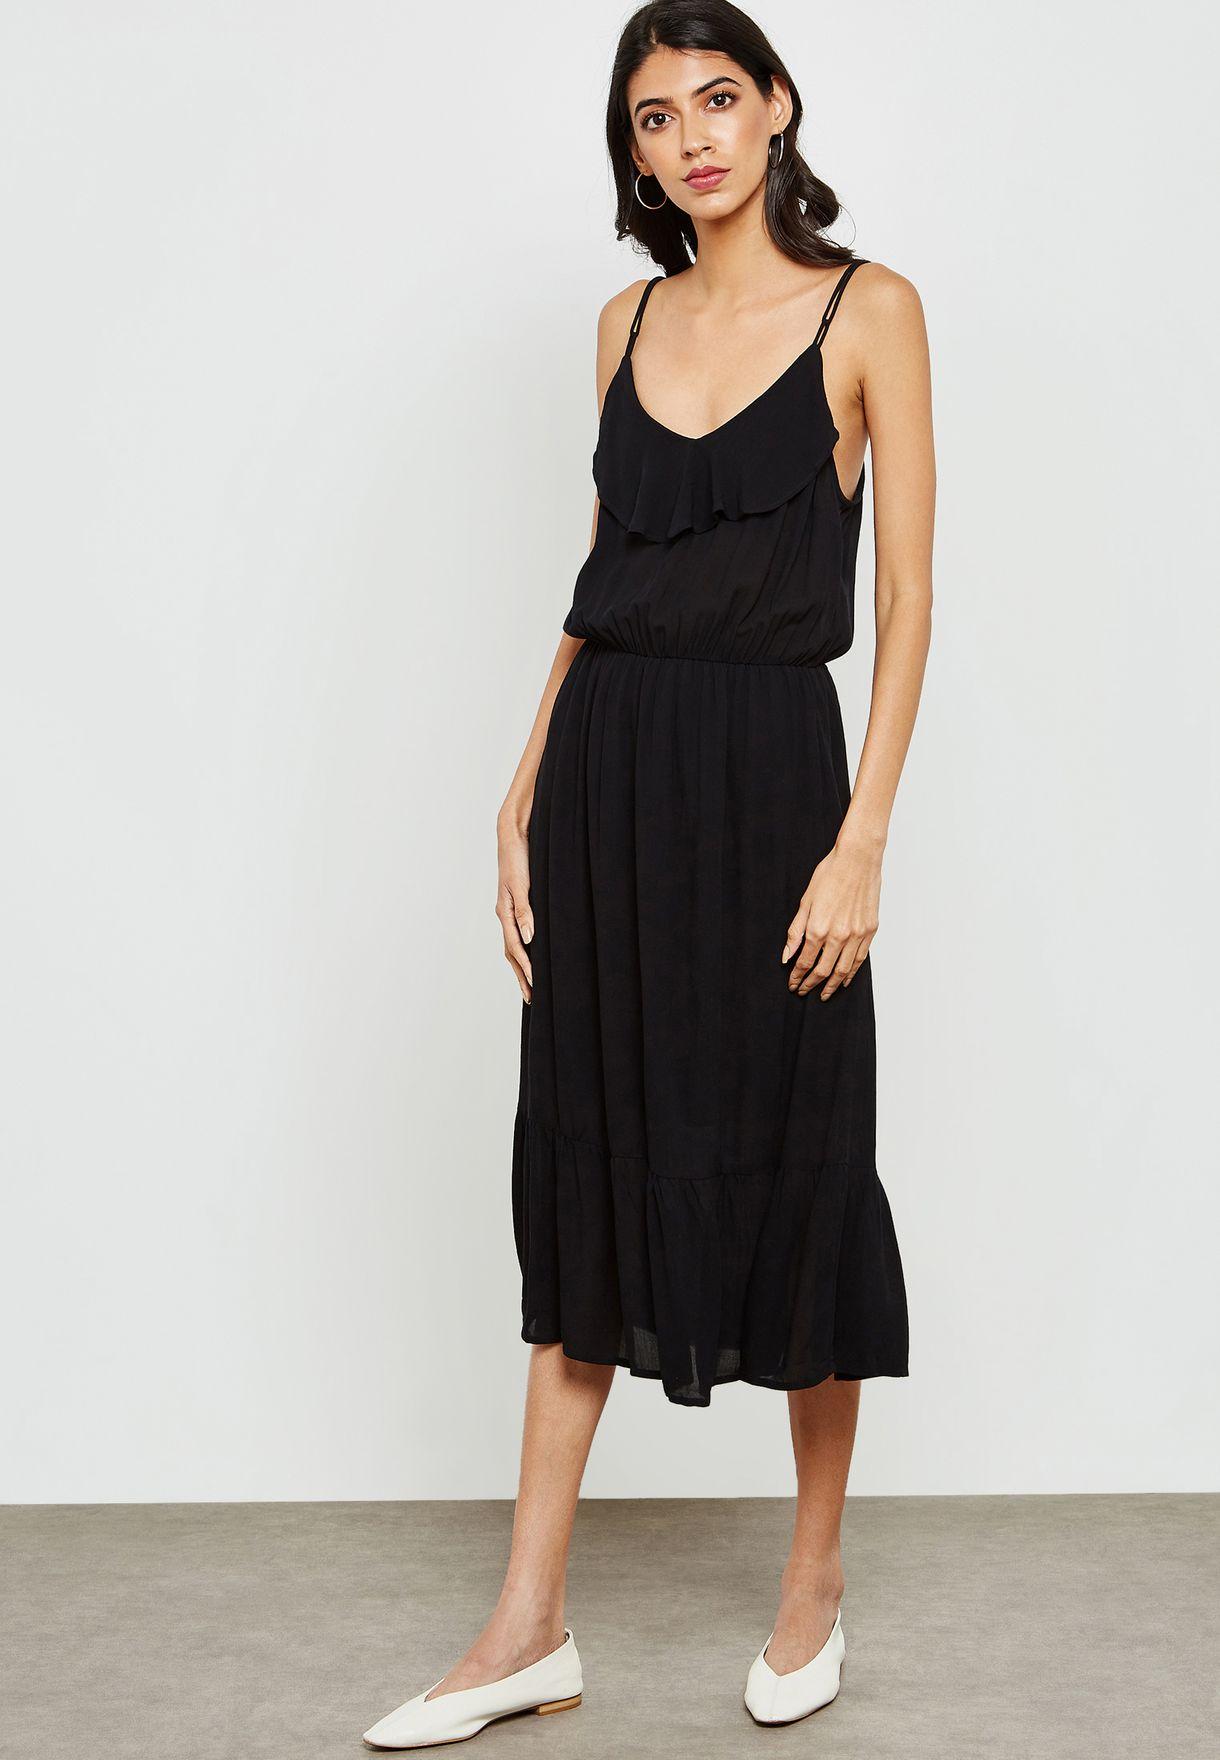 فستان بحمالات كتف رفيعة وكشكش